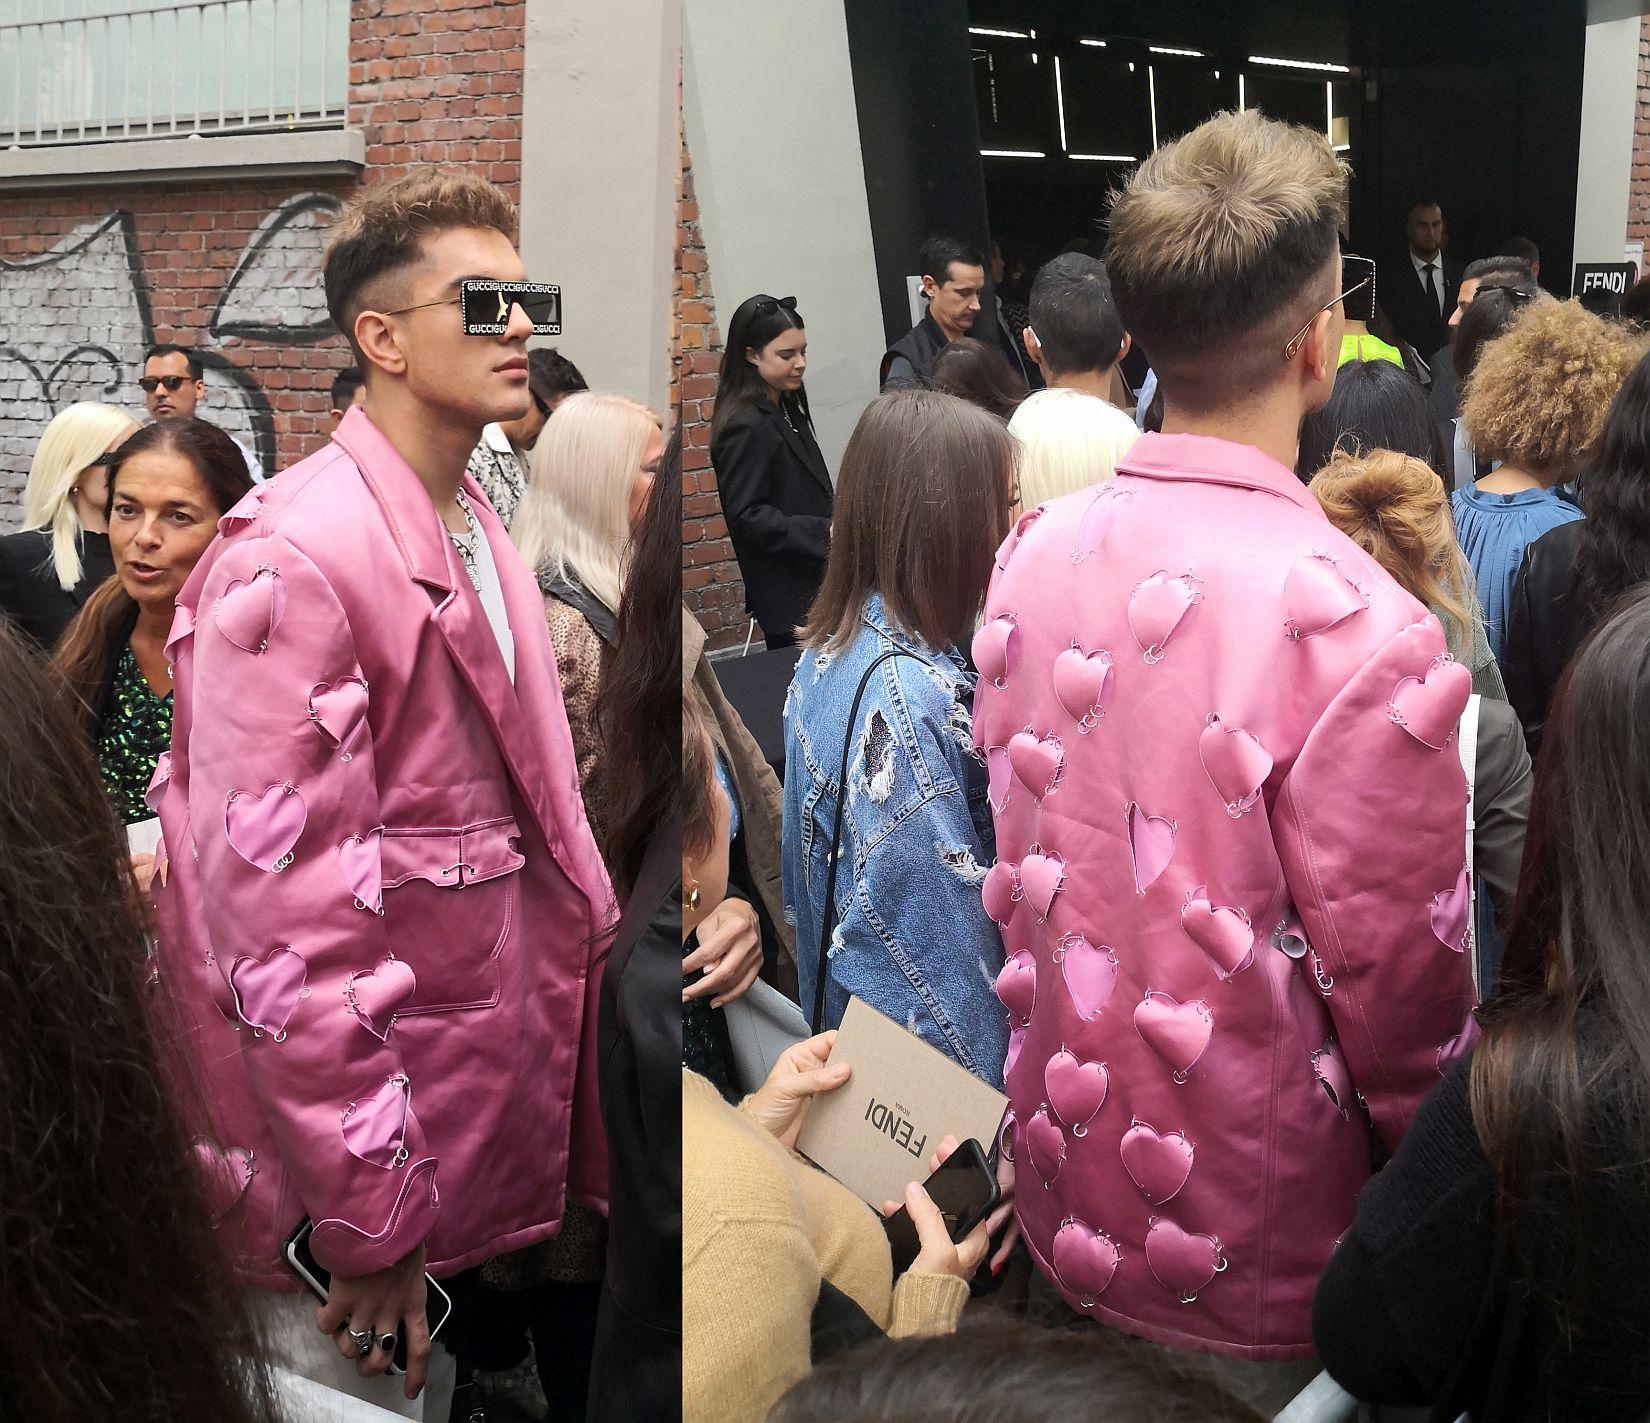 Fendi_Milan-Fashion-Week_street-style_spring-2020_september-2019_18